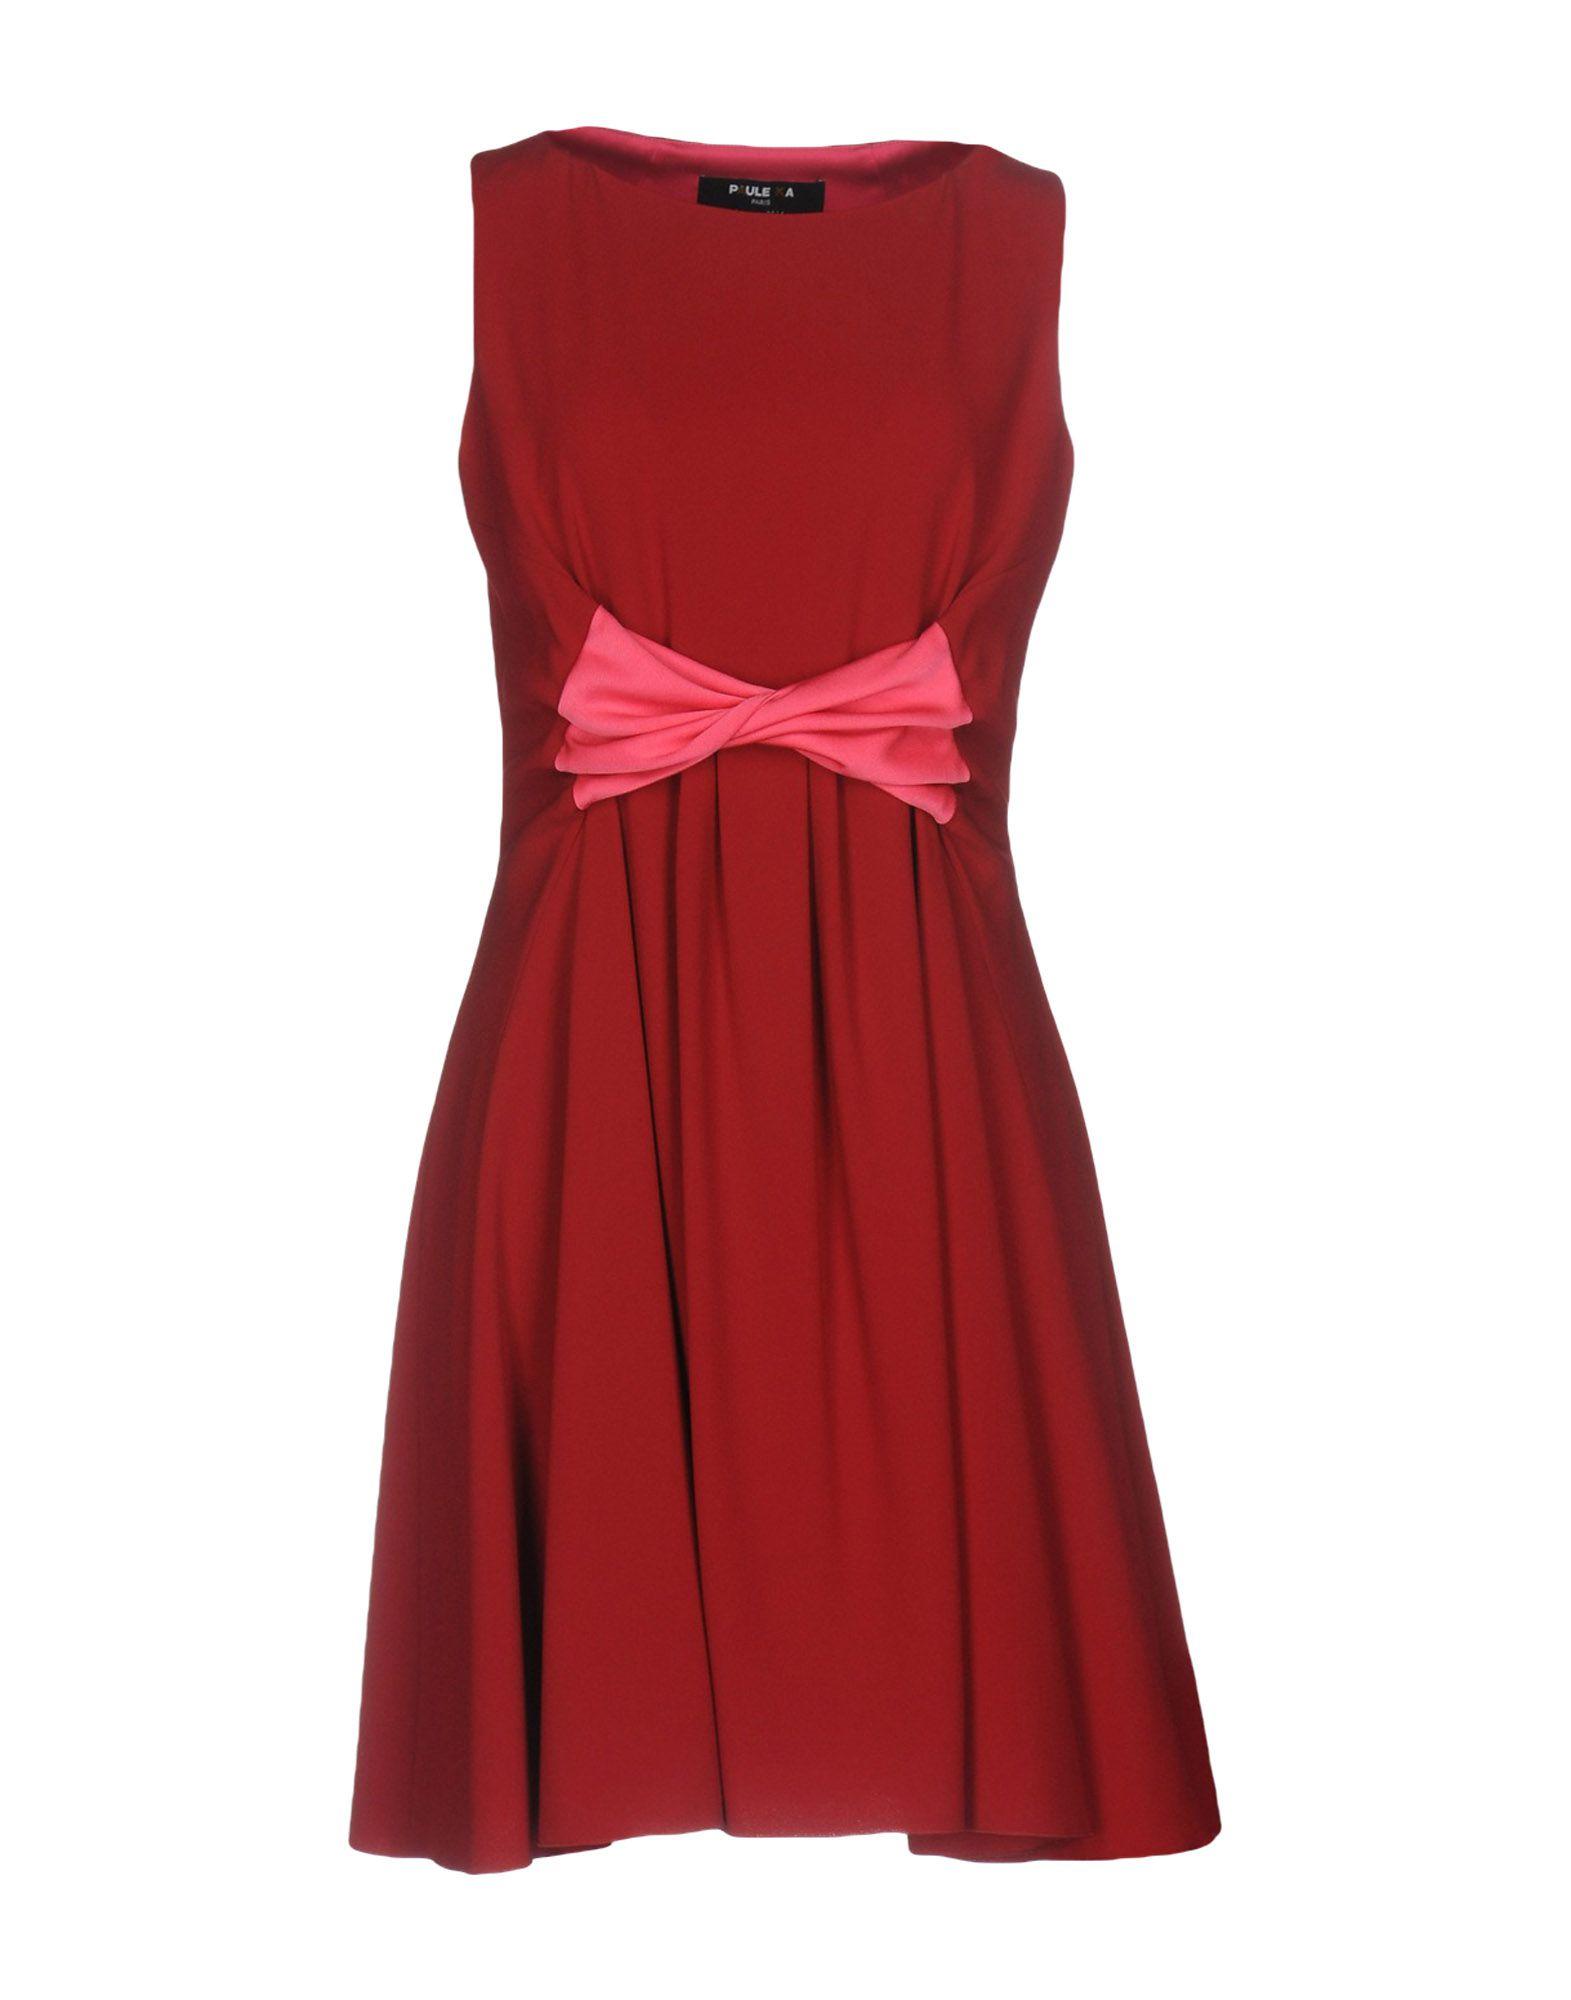 Vestito Corto Paule Ka Donna - Acquista online su 78e997m2k